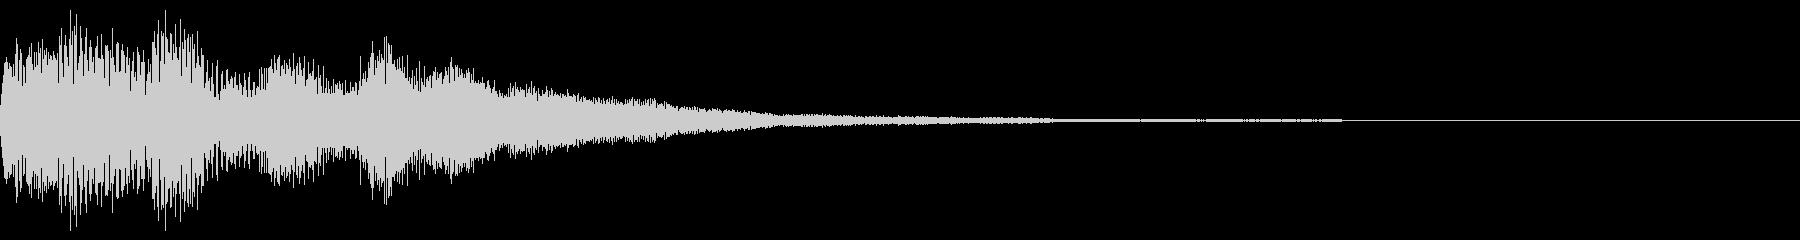 ポロロン オルゴール風優しい アルペジオの未再生の波形